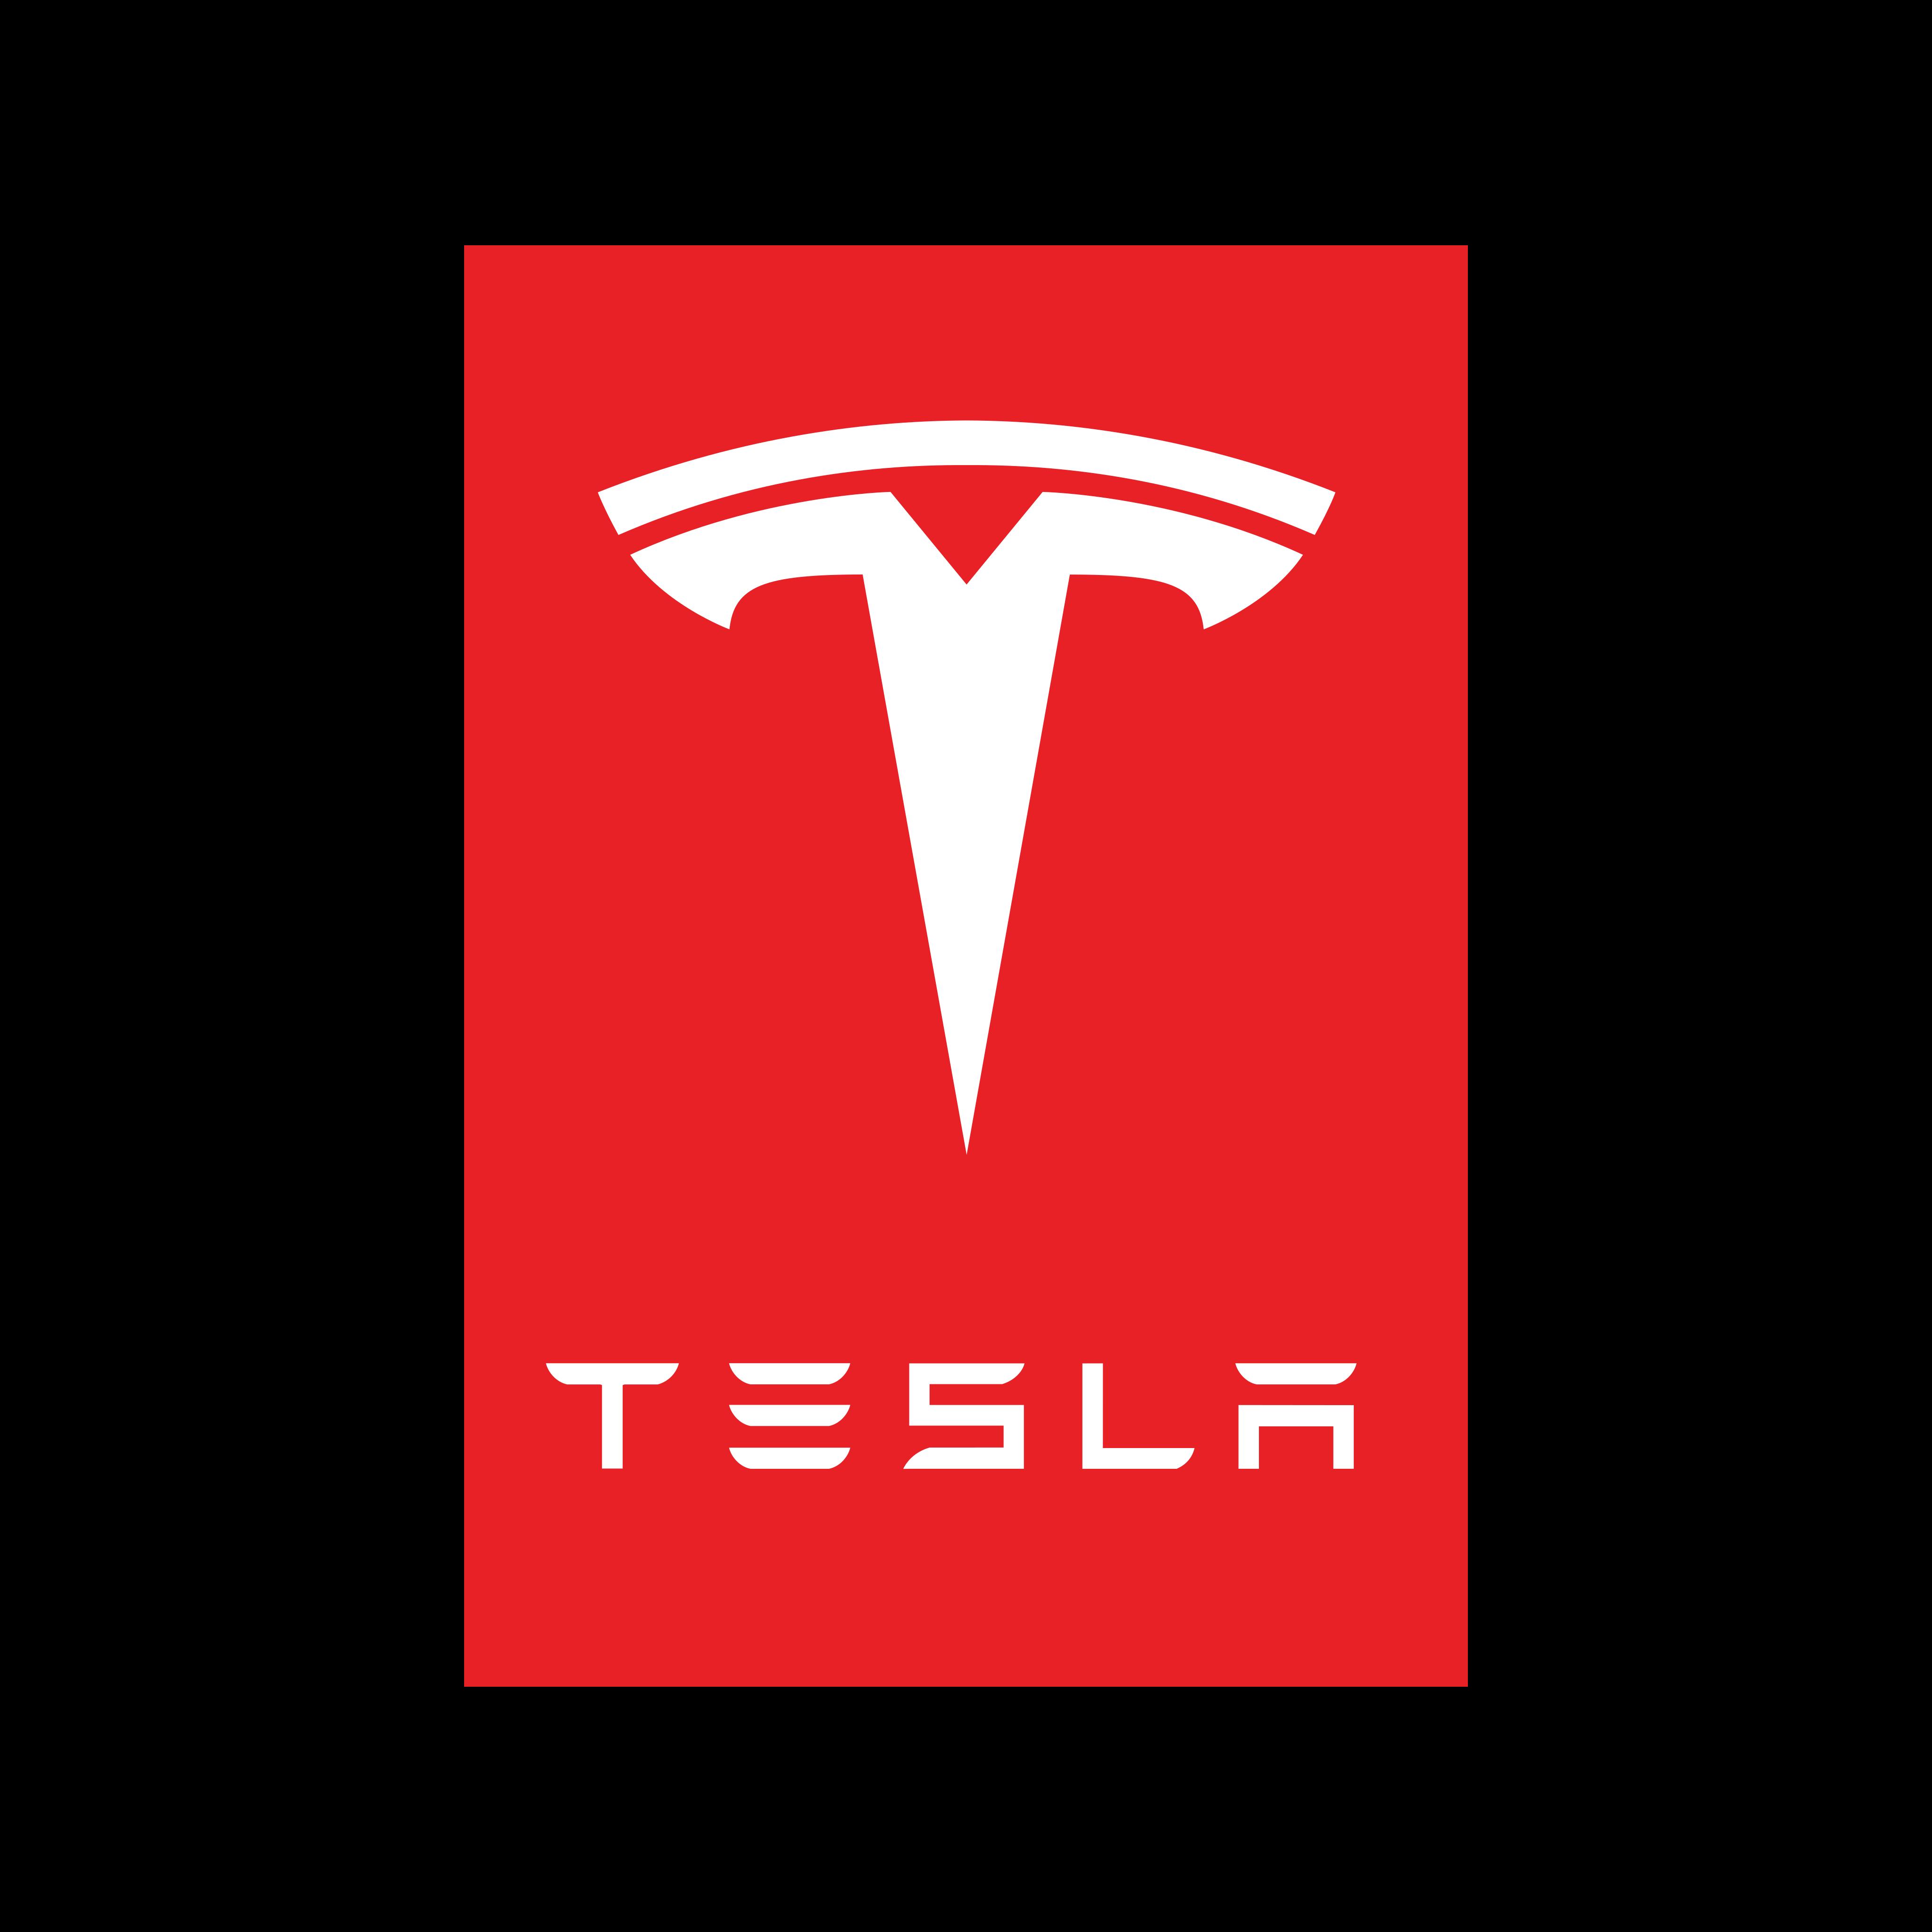 tesla logo 0 - Tesla Logo